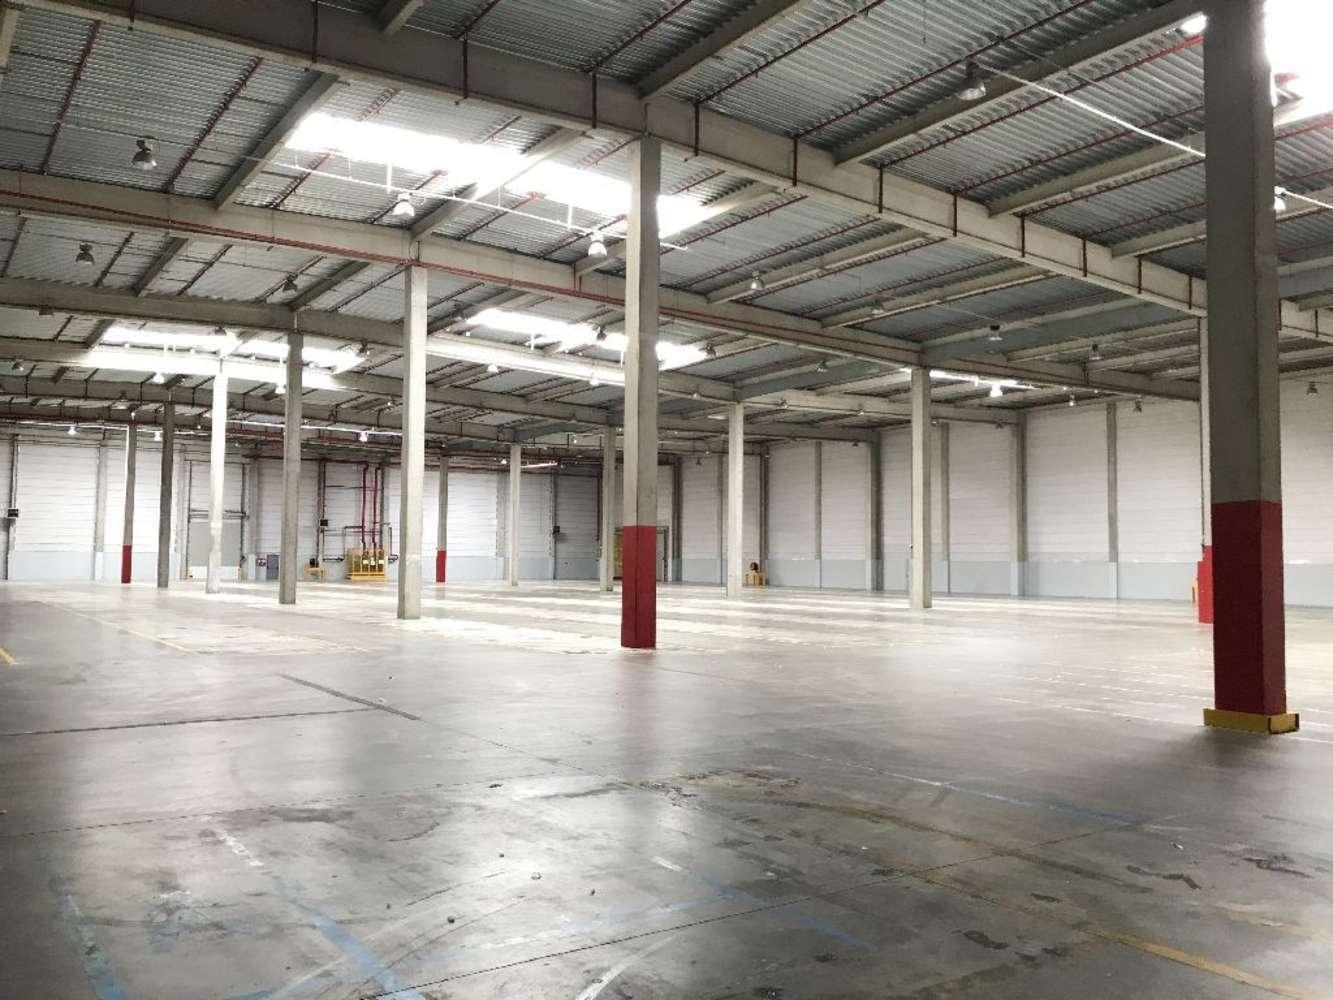 Plateformes logistiques Miramas, 13140 - Location entrepot Marseille - Logistique - 9463529